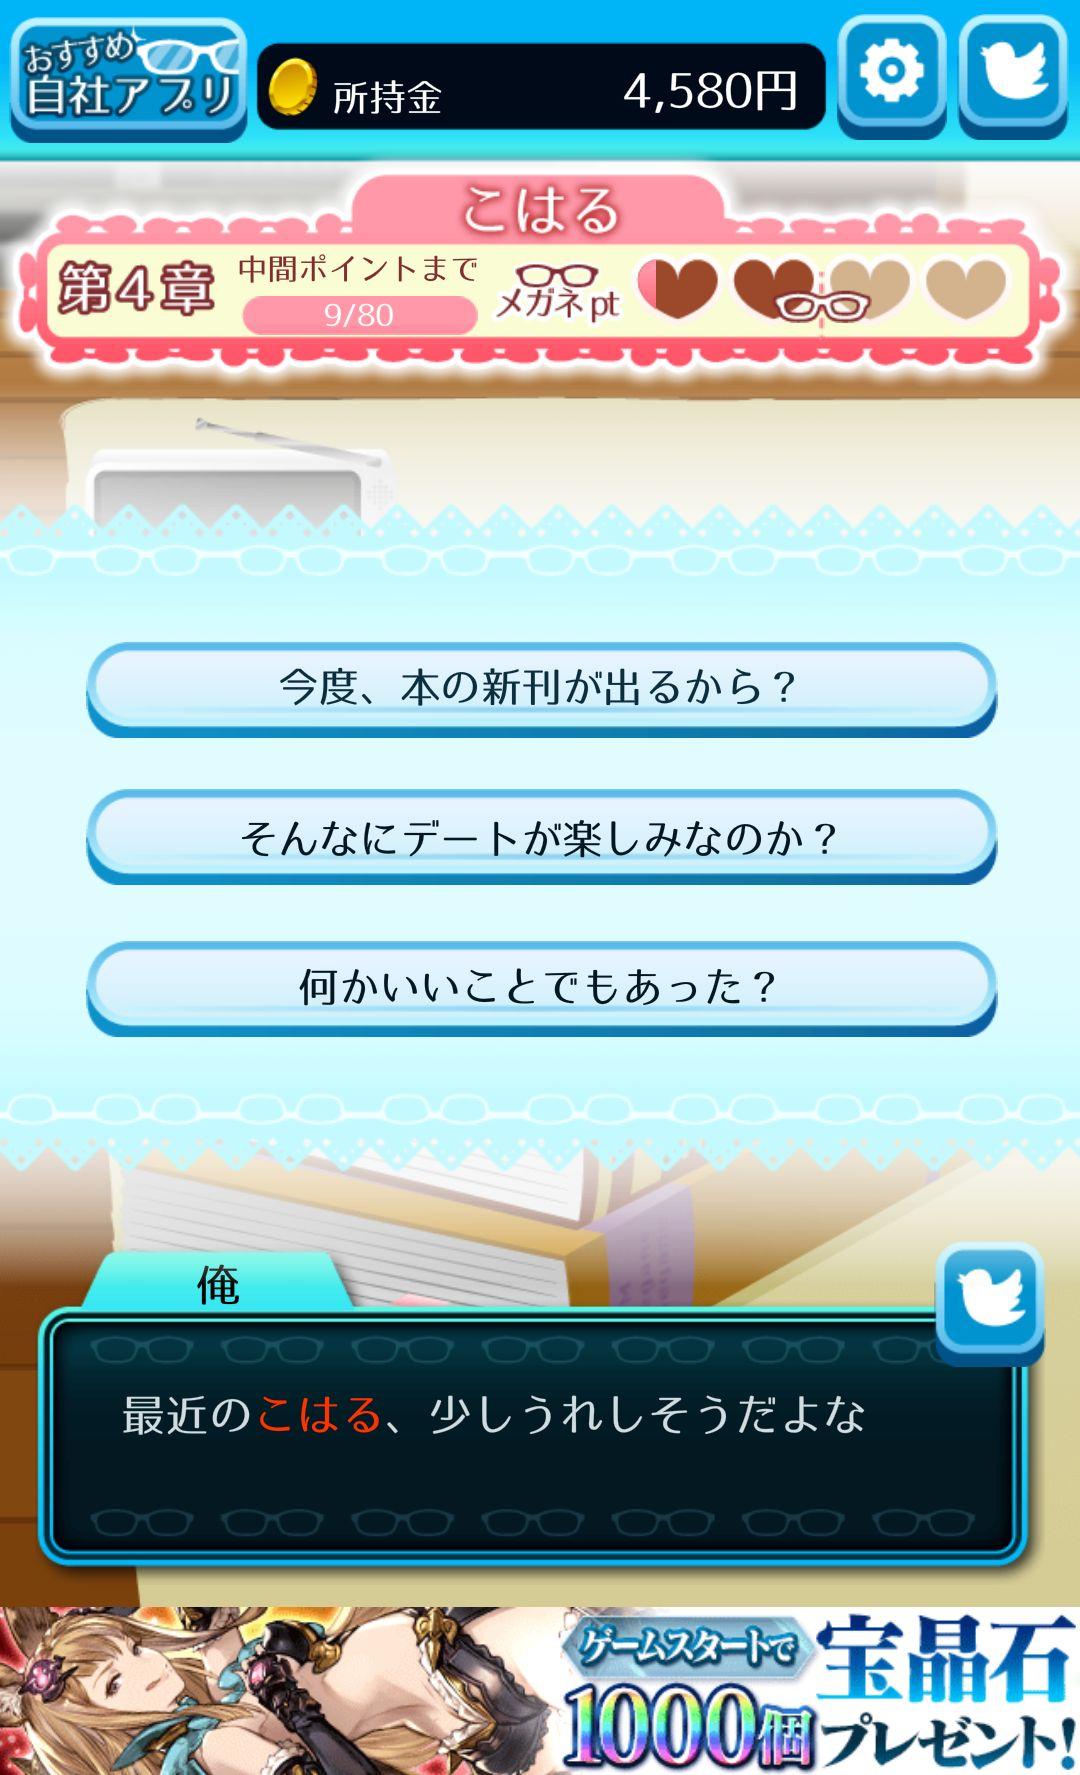 奇跡のメガネ androidアプリスクリーンショット3